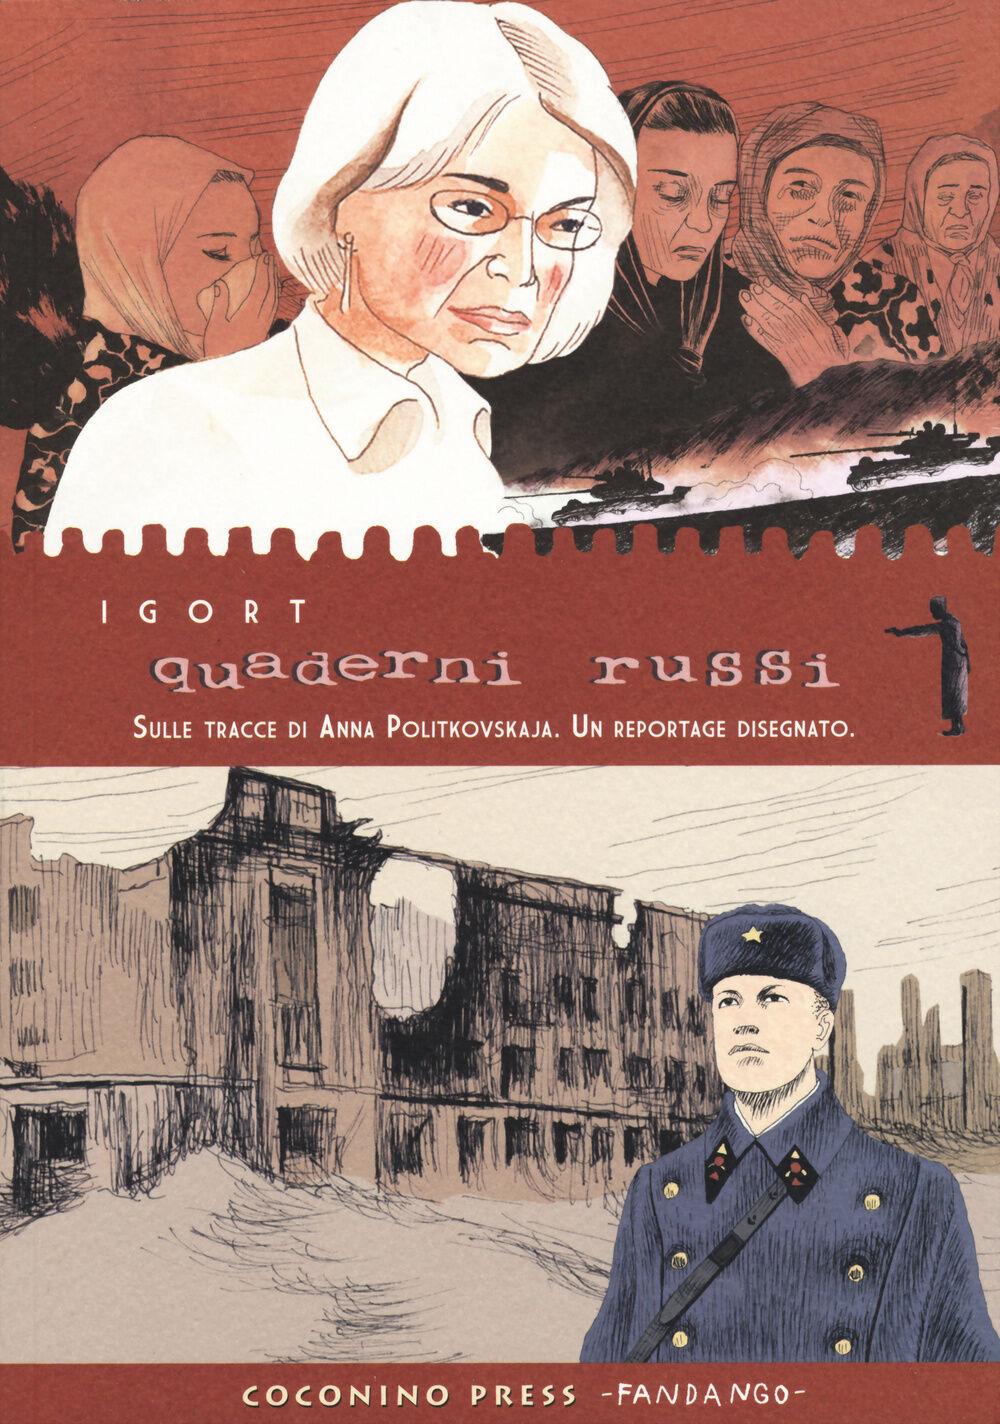 Quaderni russi. Sulle tracce di Anna Politkovskaja. Un reportage disegnato